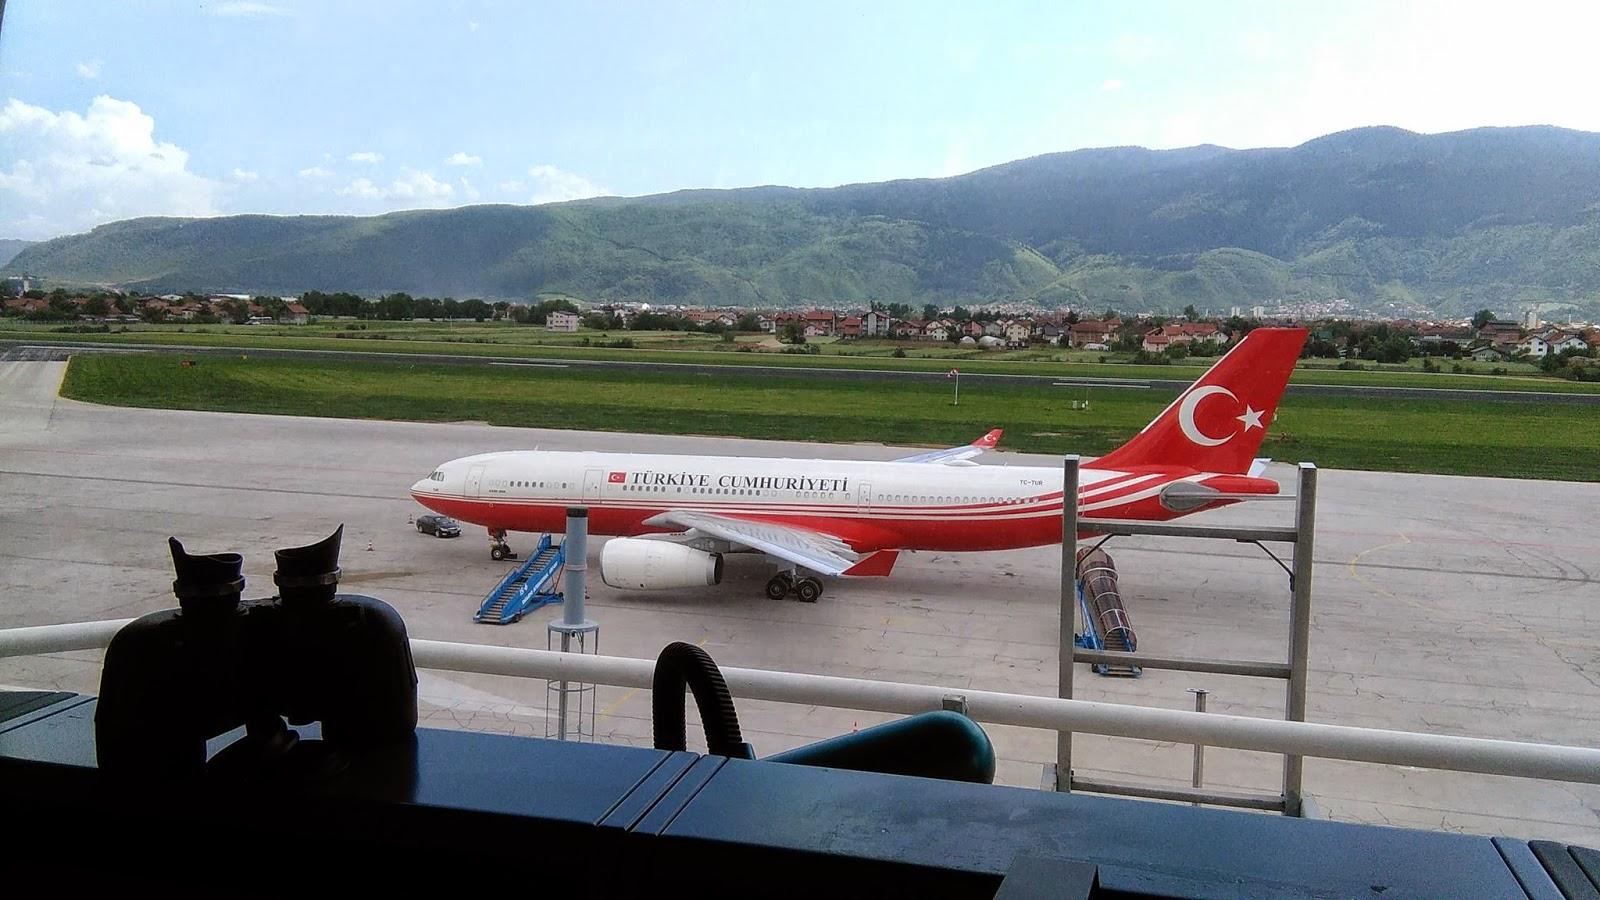 Επεισόδιο με την προσωπική φρουρά του Ερντογάν στο αεροδρόμιο του Σαράγεβο